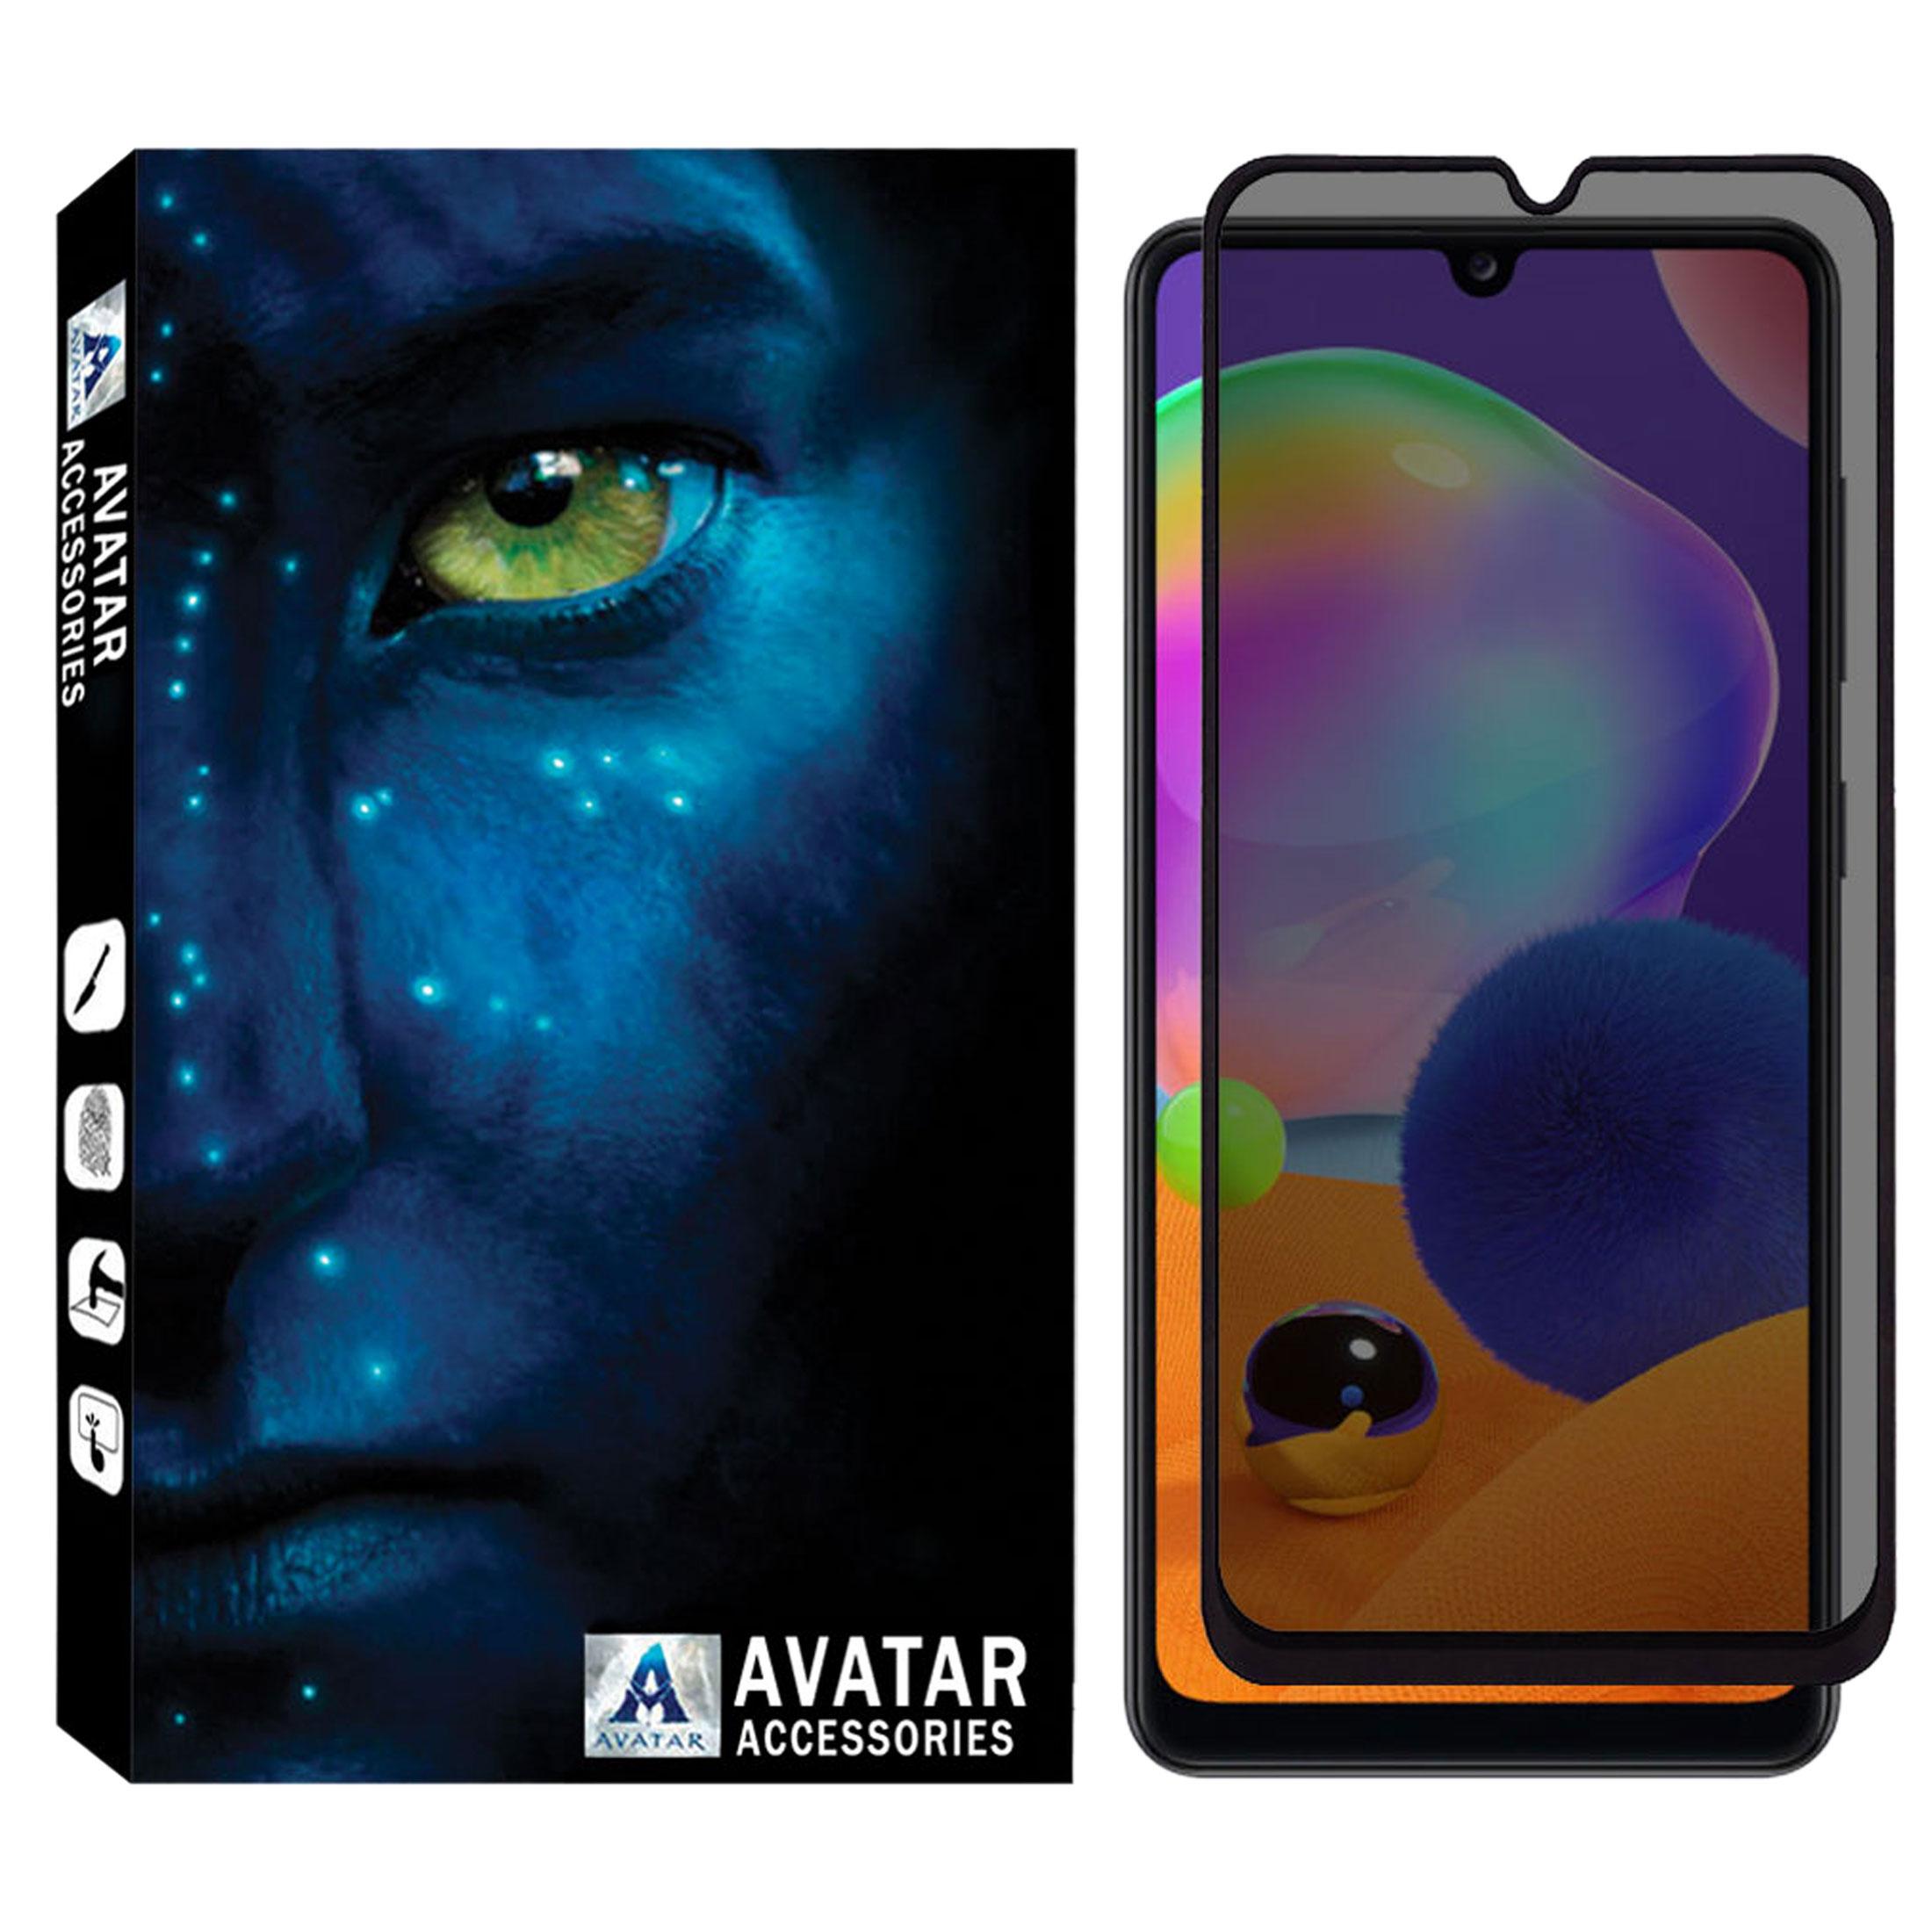 محافظ صفحه نمایش حریم شخصی آواتار مدل AVprv-01 مناسب برای گوشی موبایل سامسونگ Galaxy A31